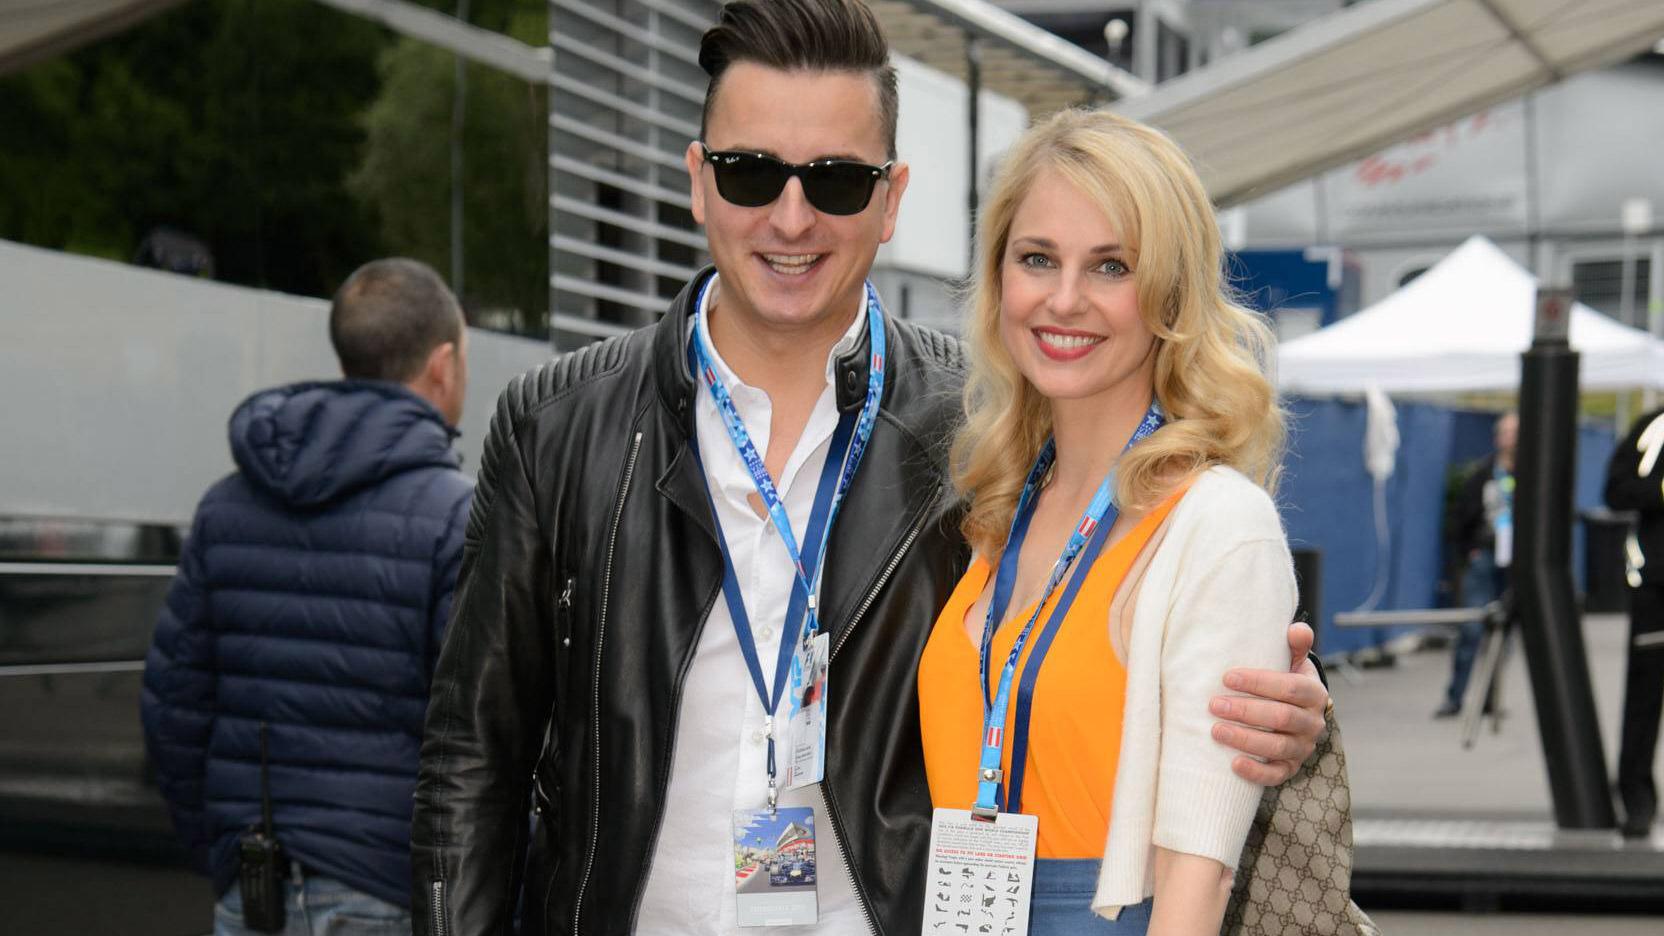 Andreas Gabalier & Silvia Schneider